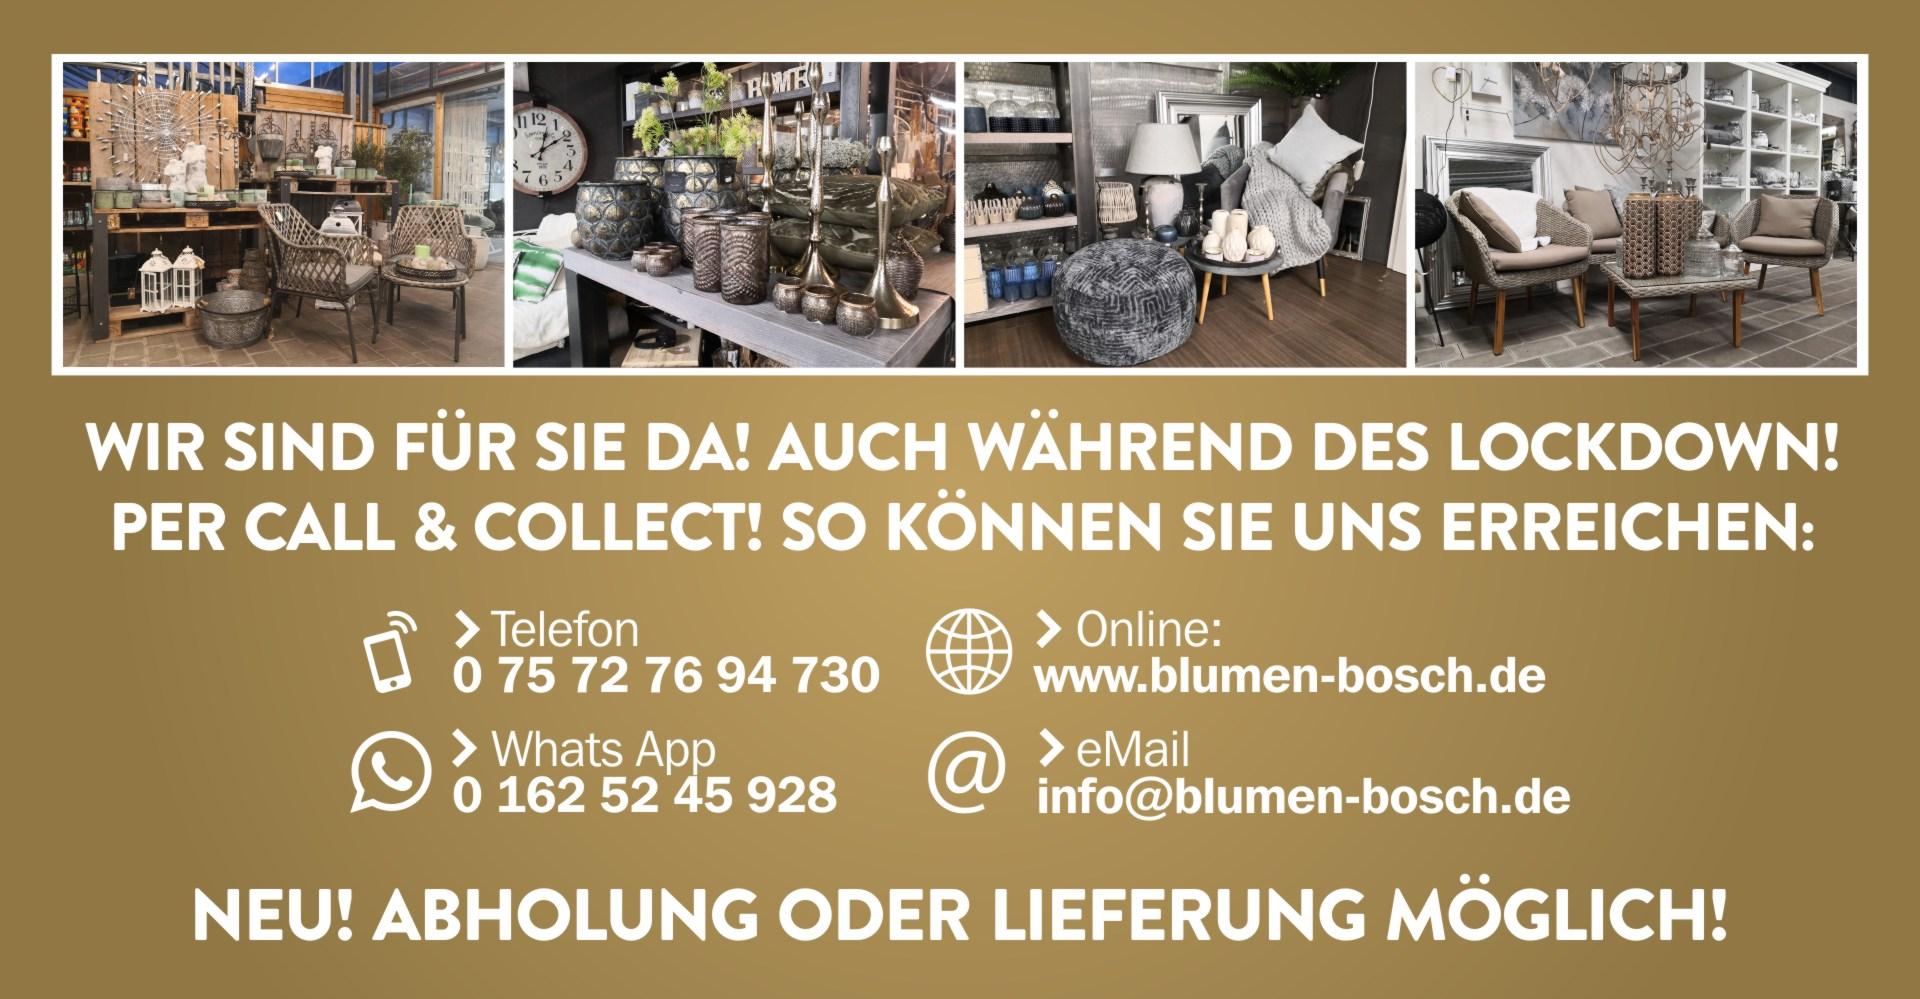 AB SOFORT CALL & COLLECT MIT ABHOLUNG / LIEFERUNG MÖGLICH!